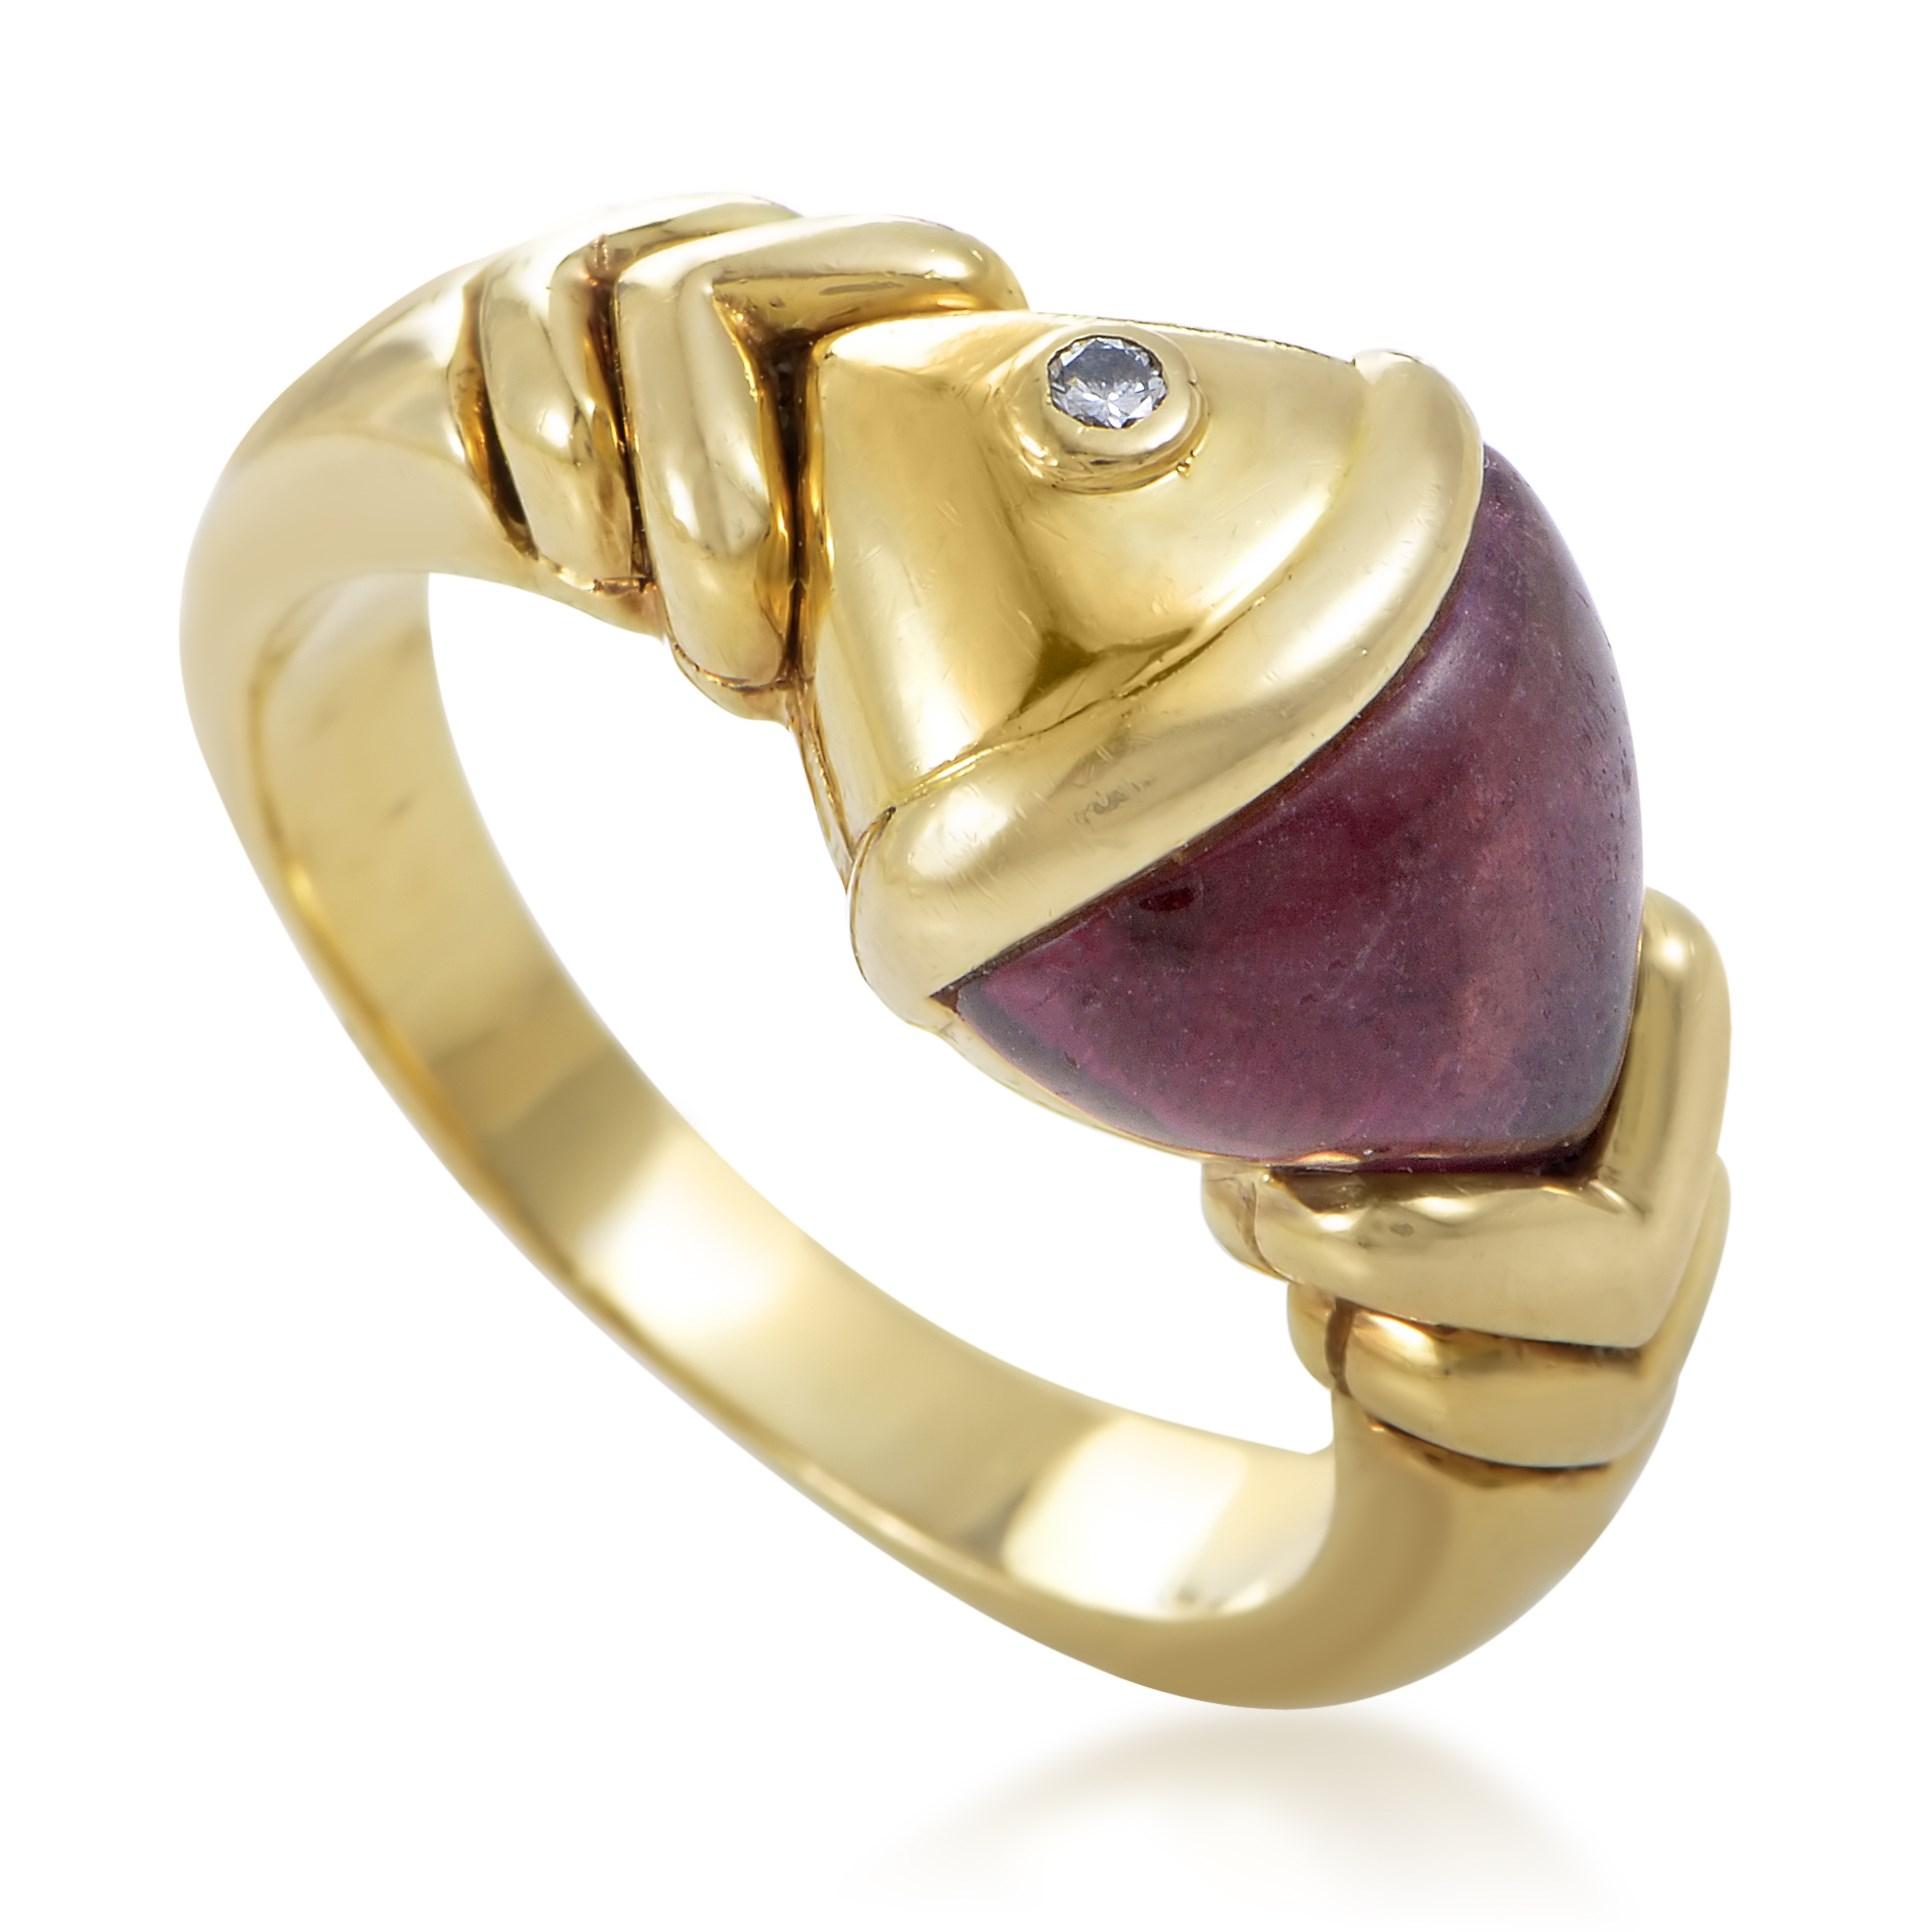 Bvlgari Naturalia Women's 18K Yellow Gold Diamond & Pink Tourmaline Naturalia Fish Ring